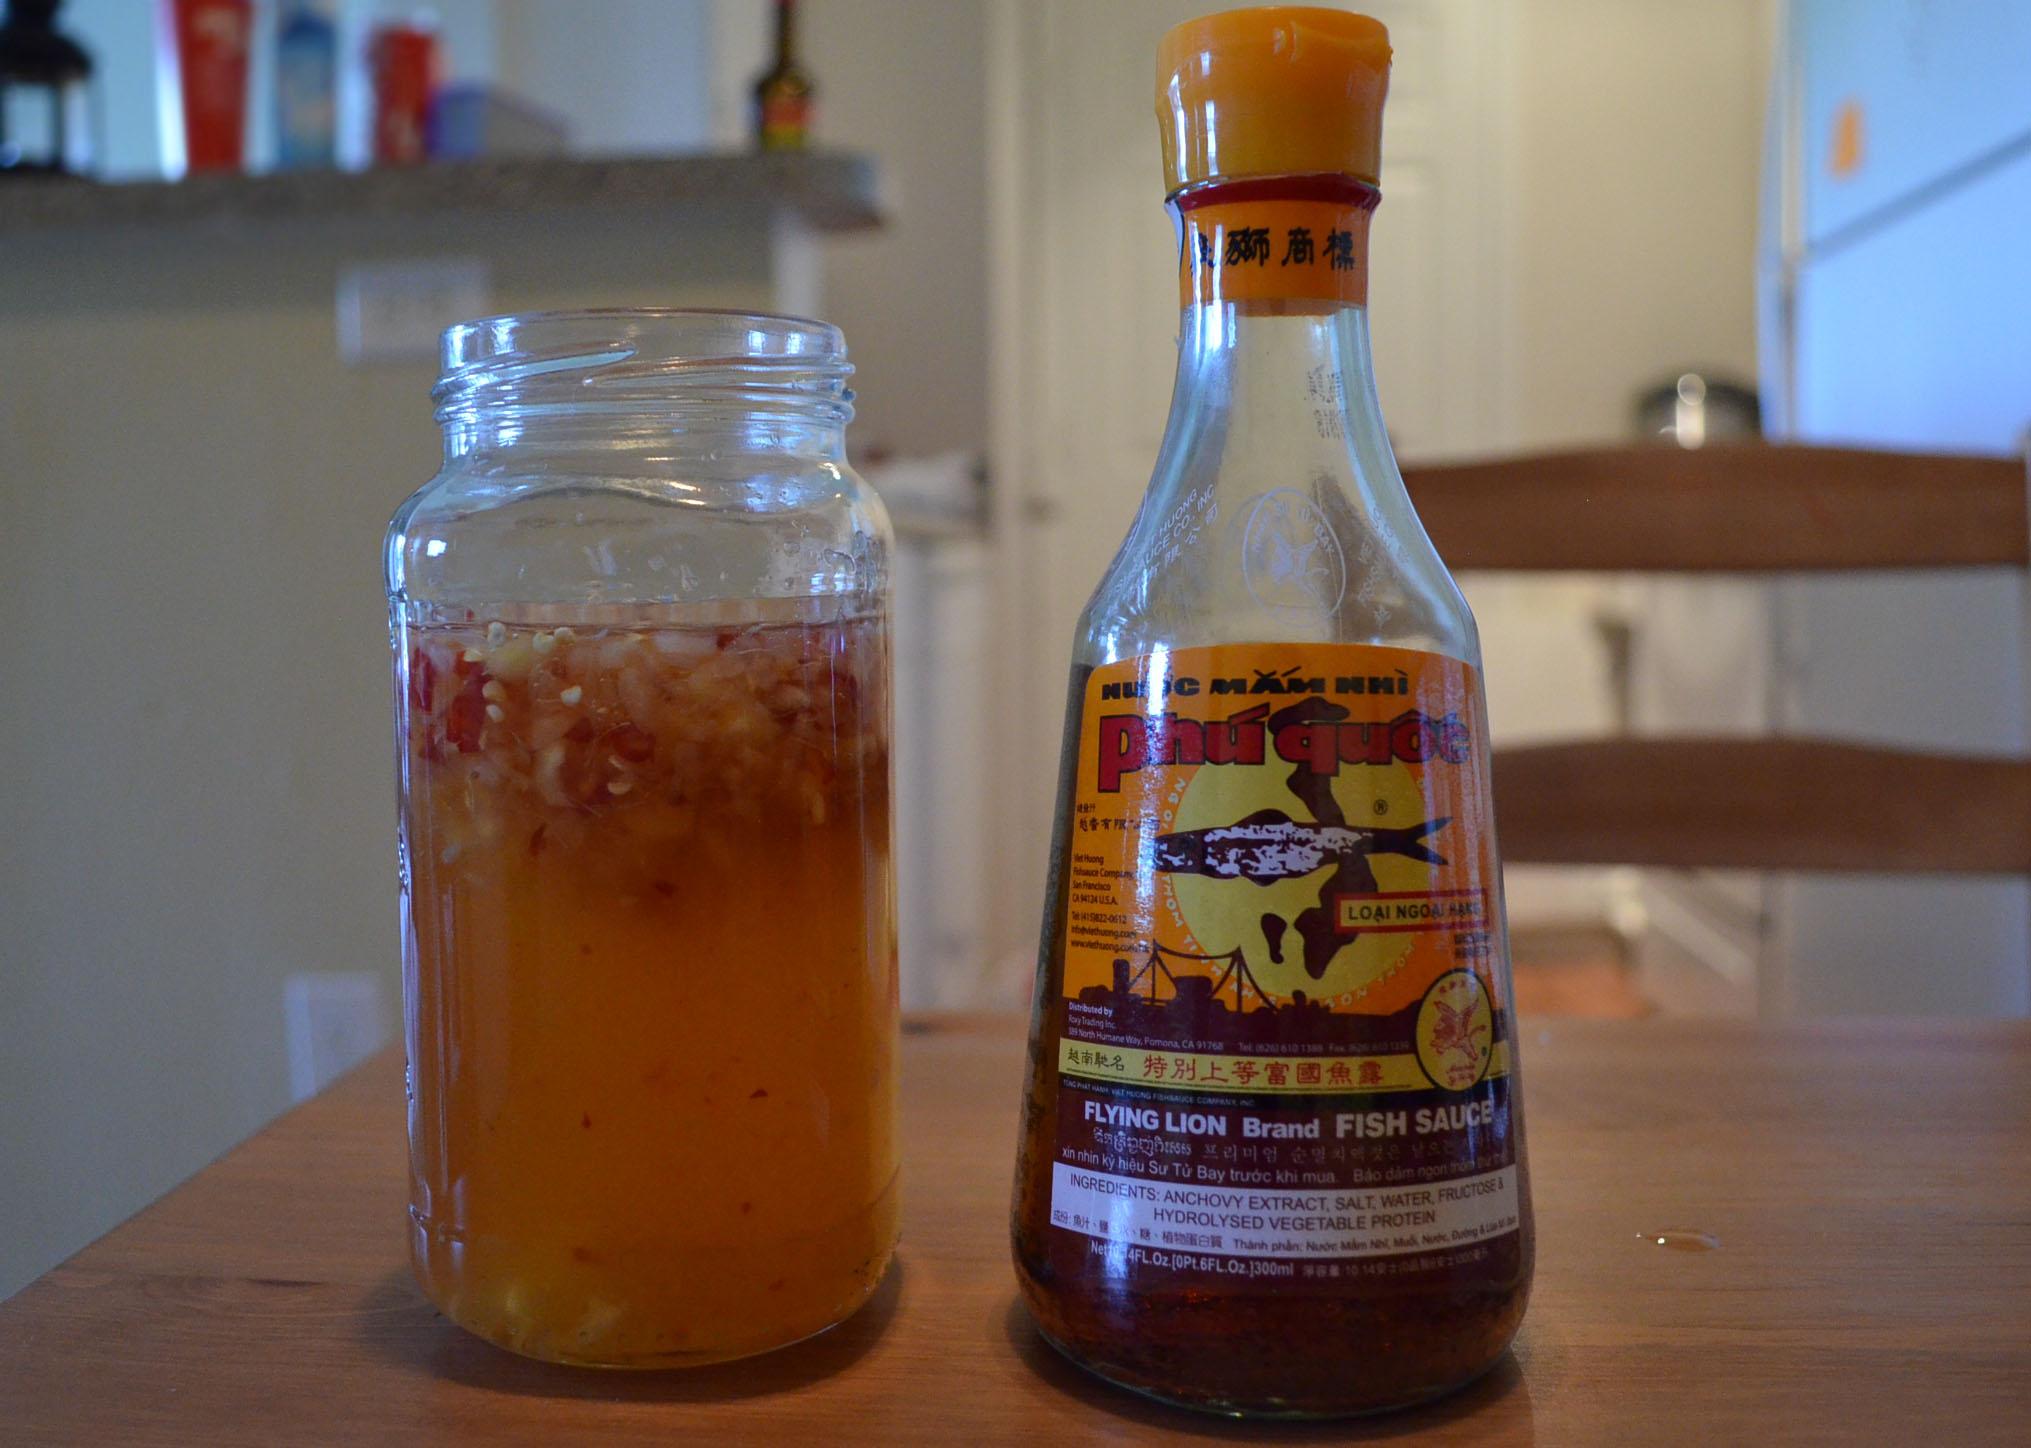 the final nước mắm chấm jar next to my bottle of nuoc mam from Phú Quốc (Photo: Loa/Kathy   Triệu)